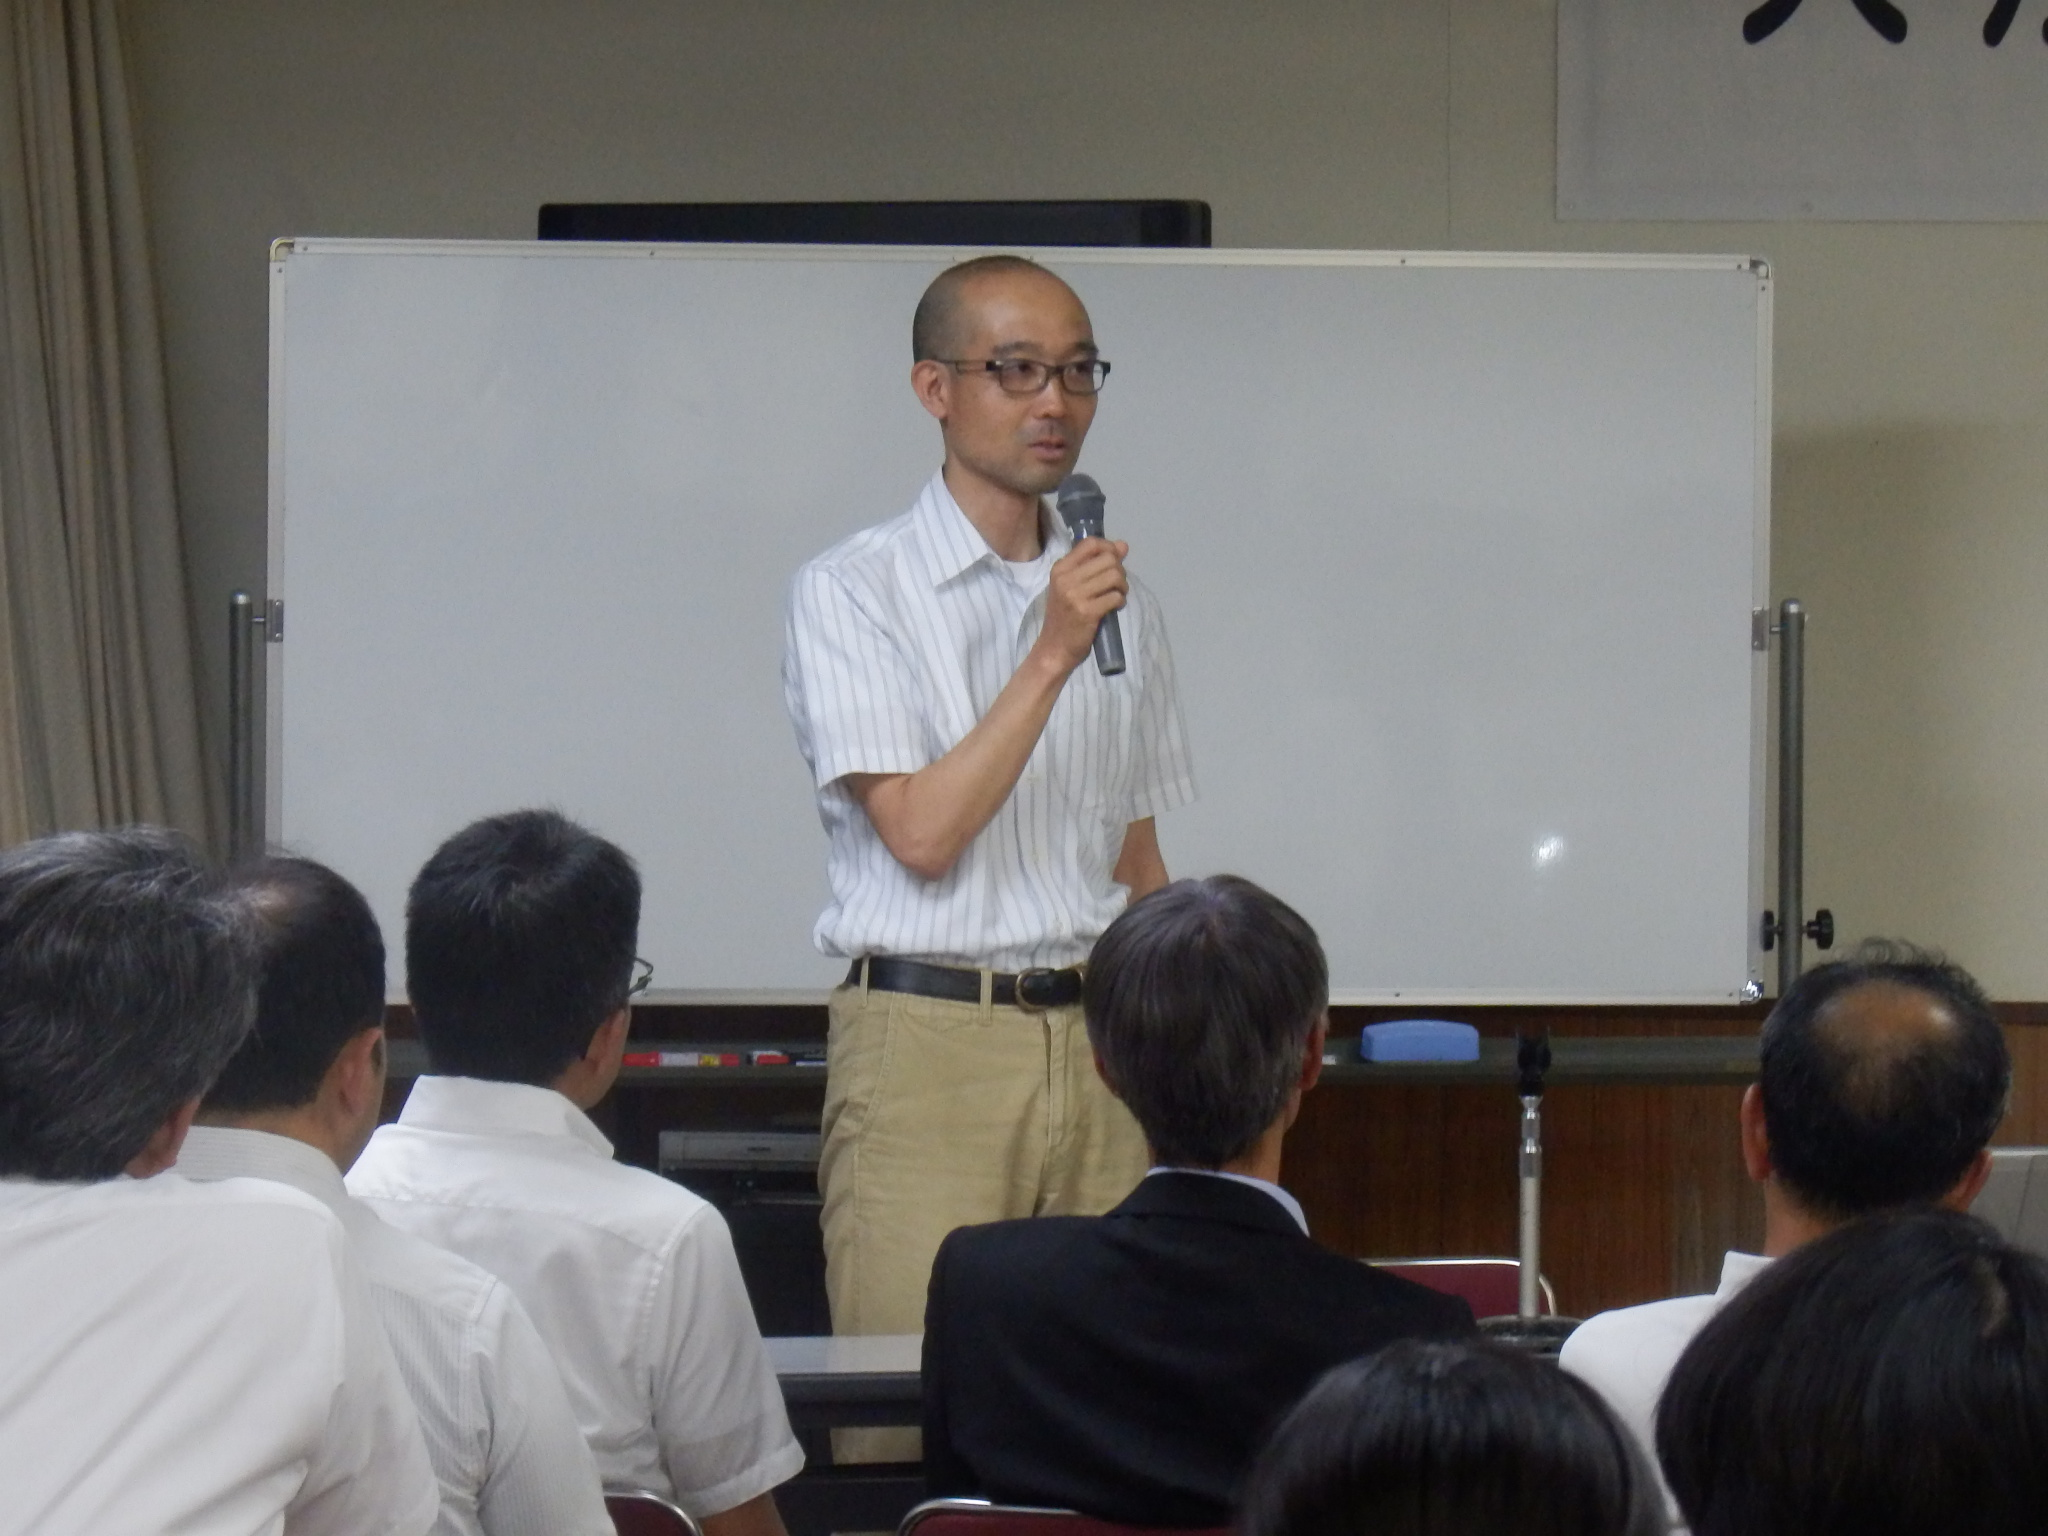 水野直樹さん講演会(2)